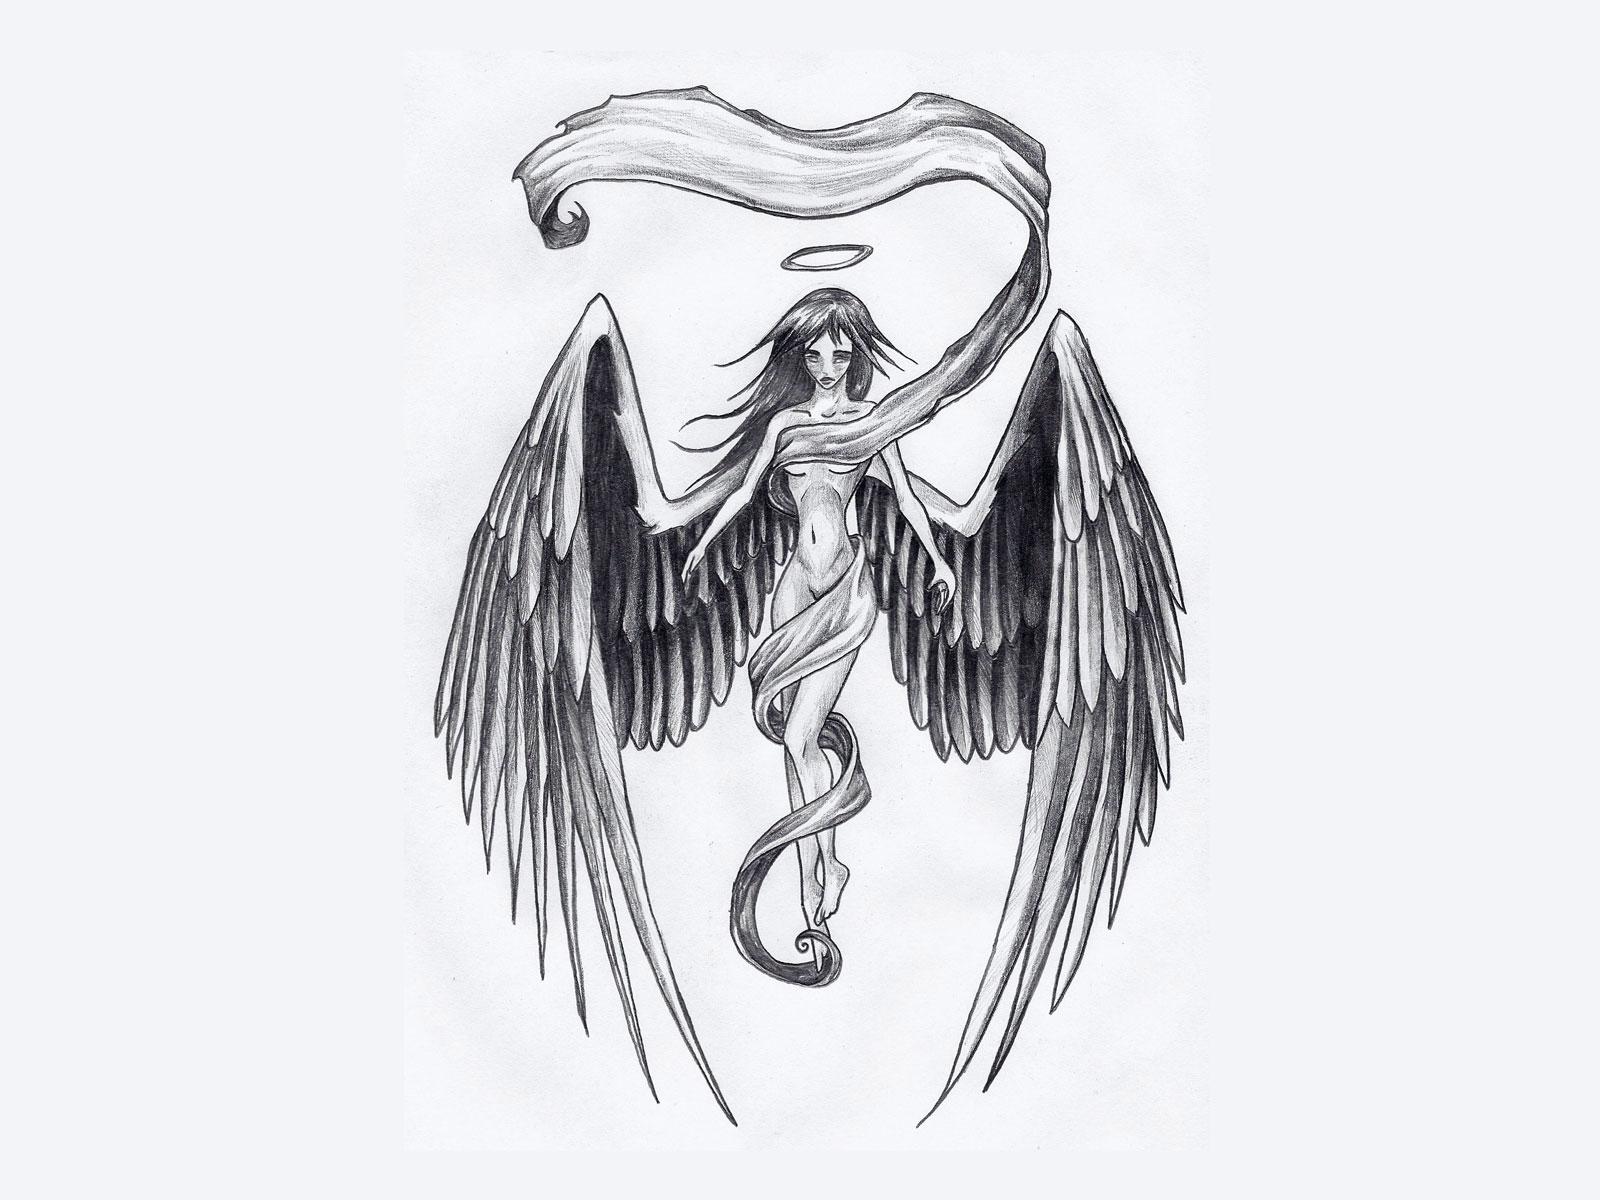 Female Bad Angel